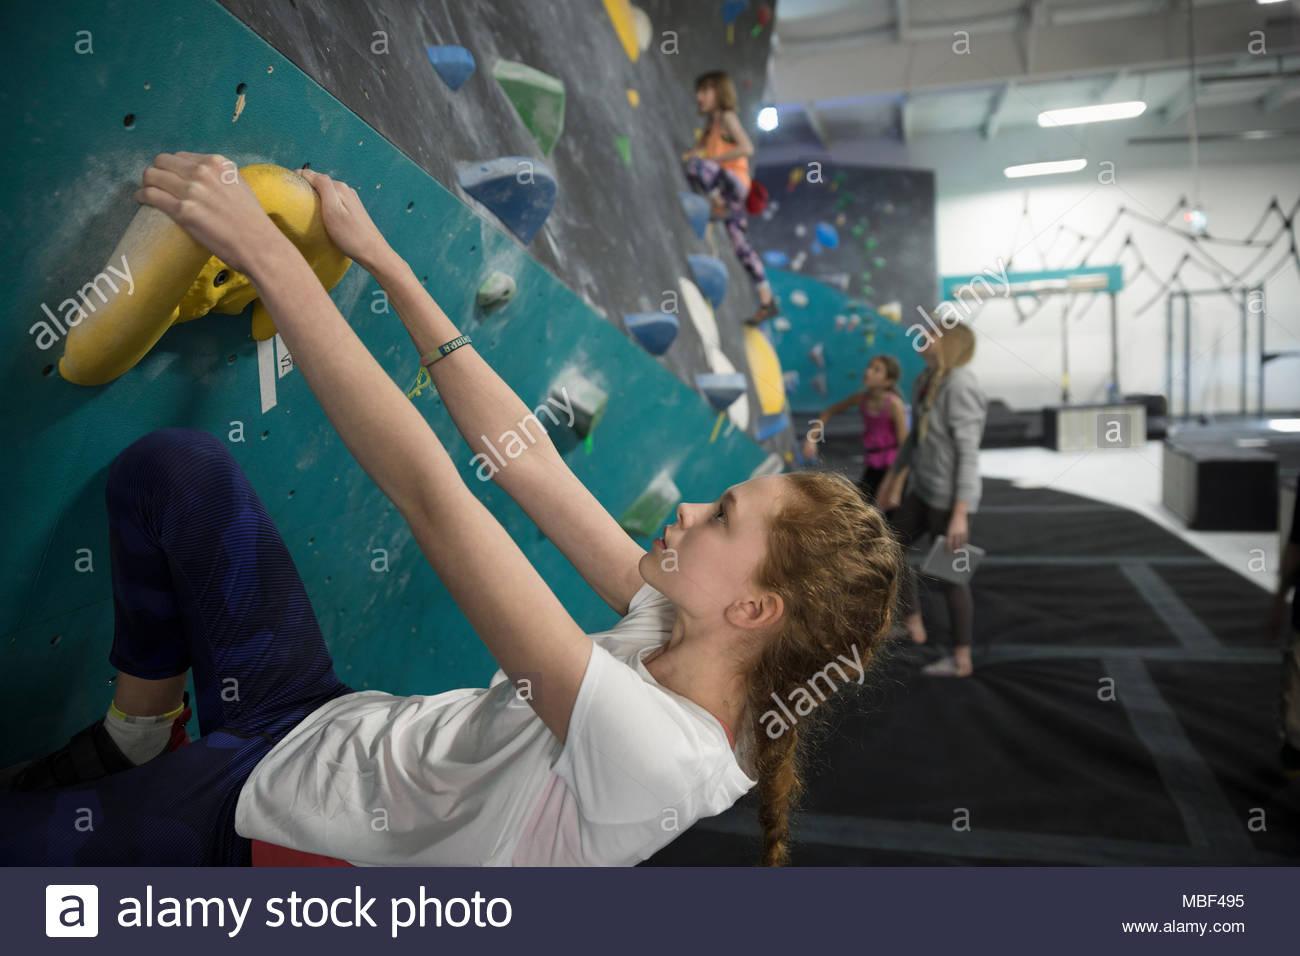 L'accent, strong girl rock climber mur d'escalade en salle d'escalade Photo Stock